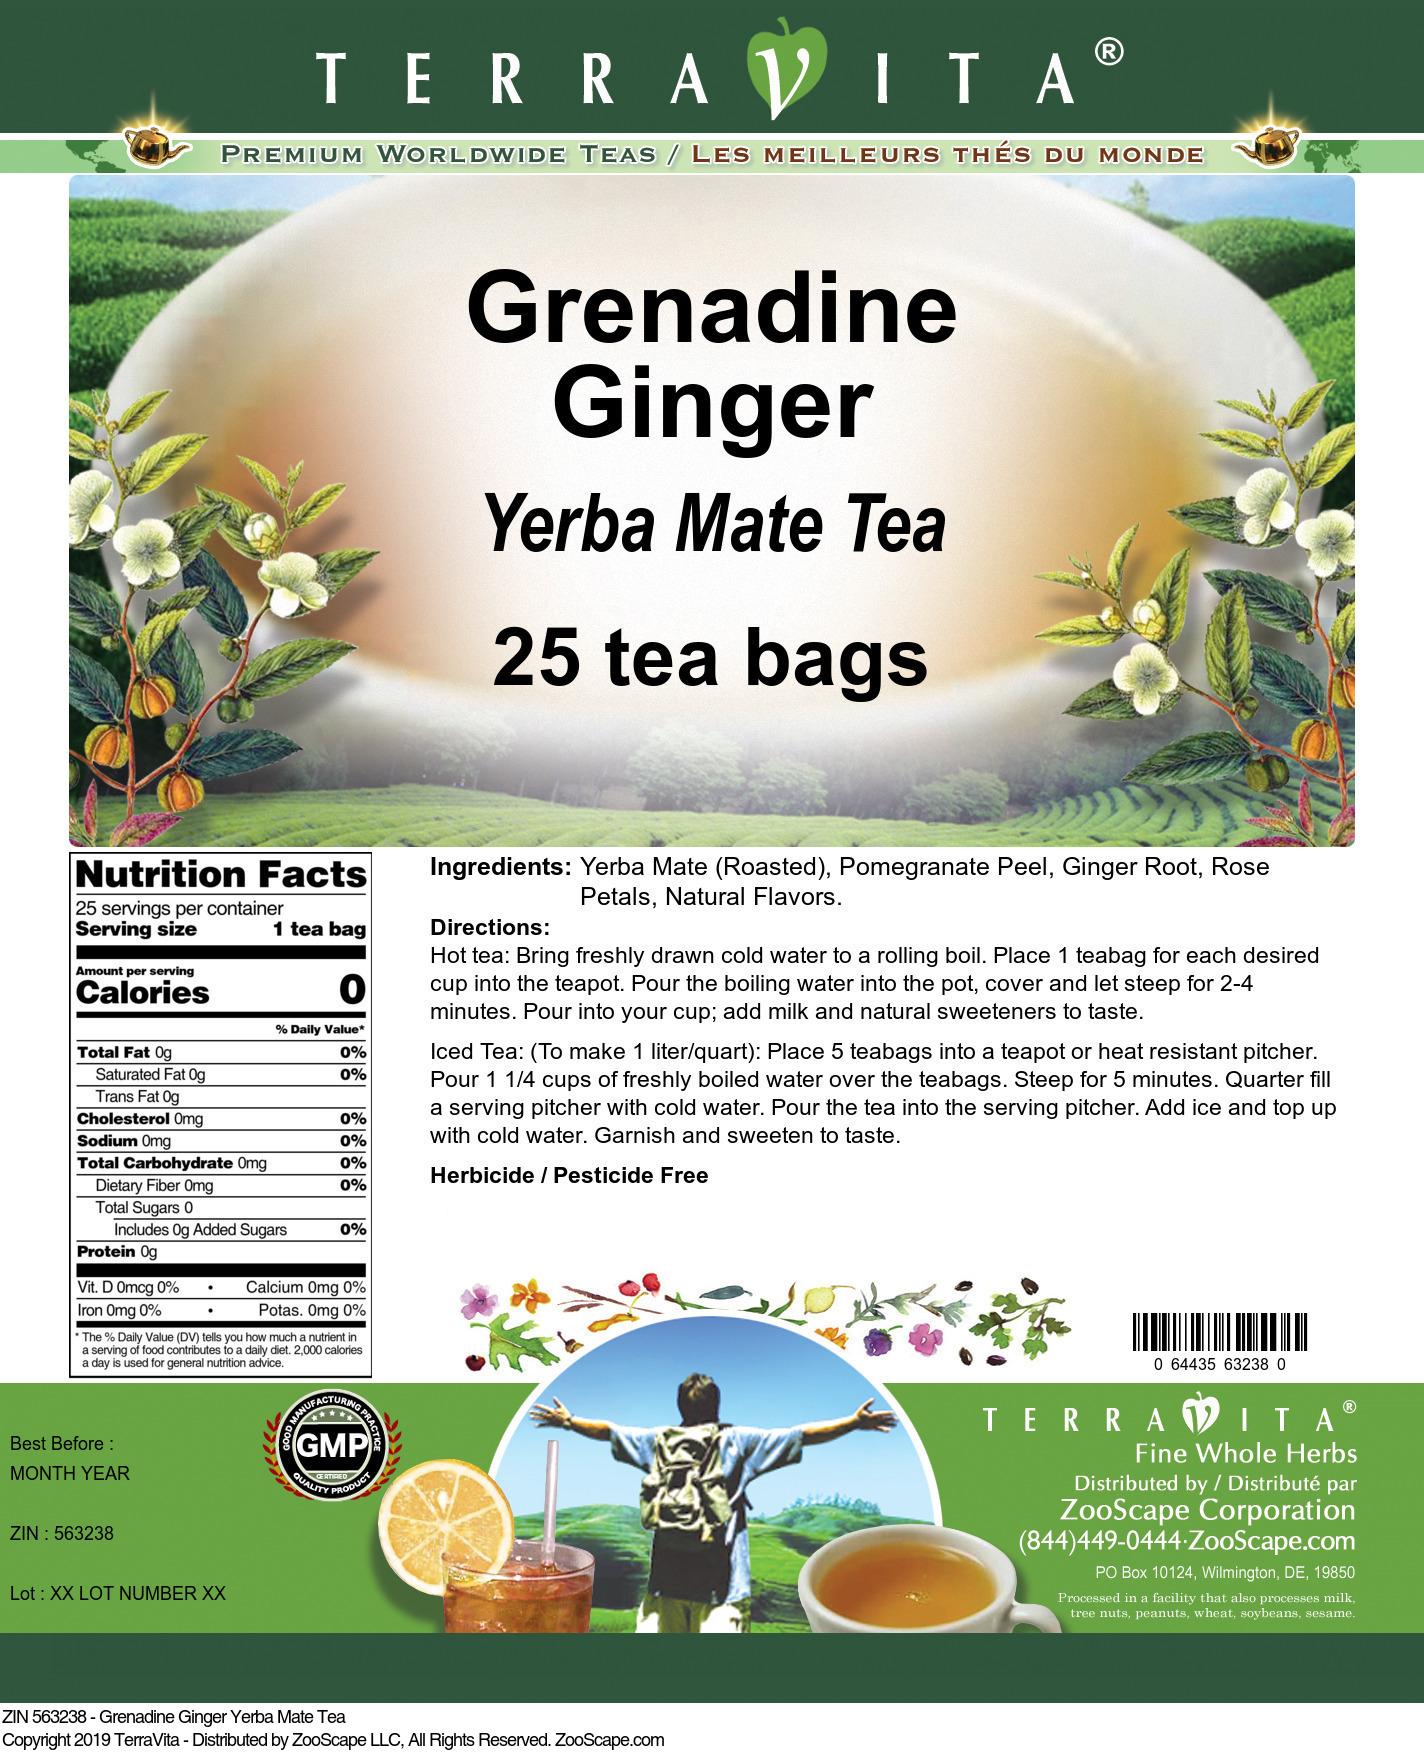 Grenadine Ginger Yerba Mate Tea